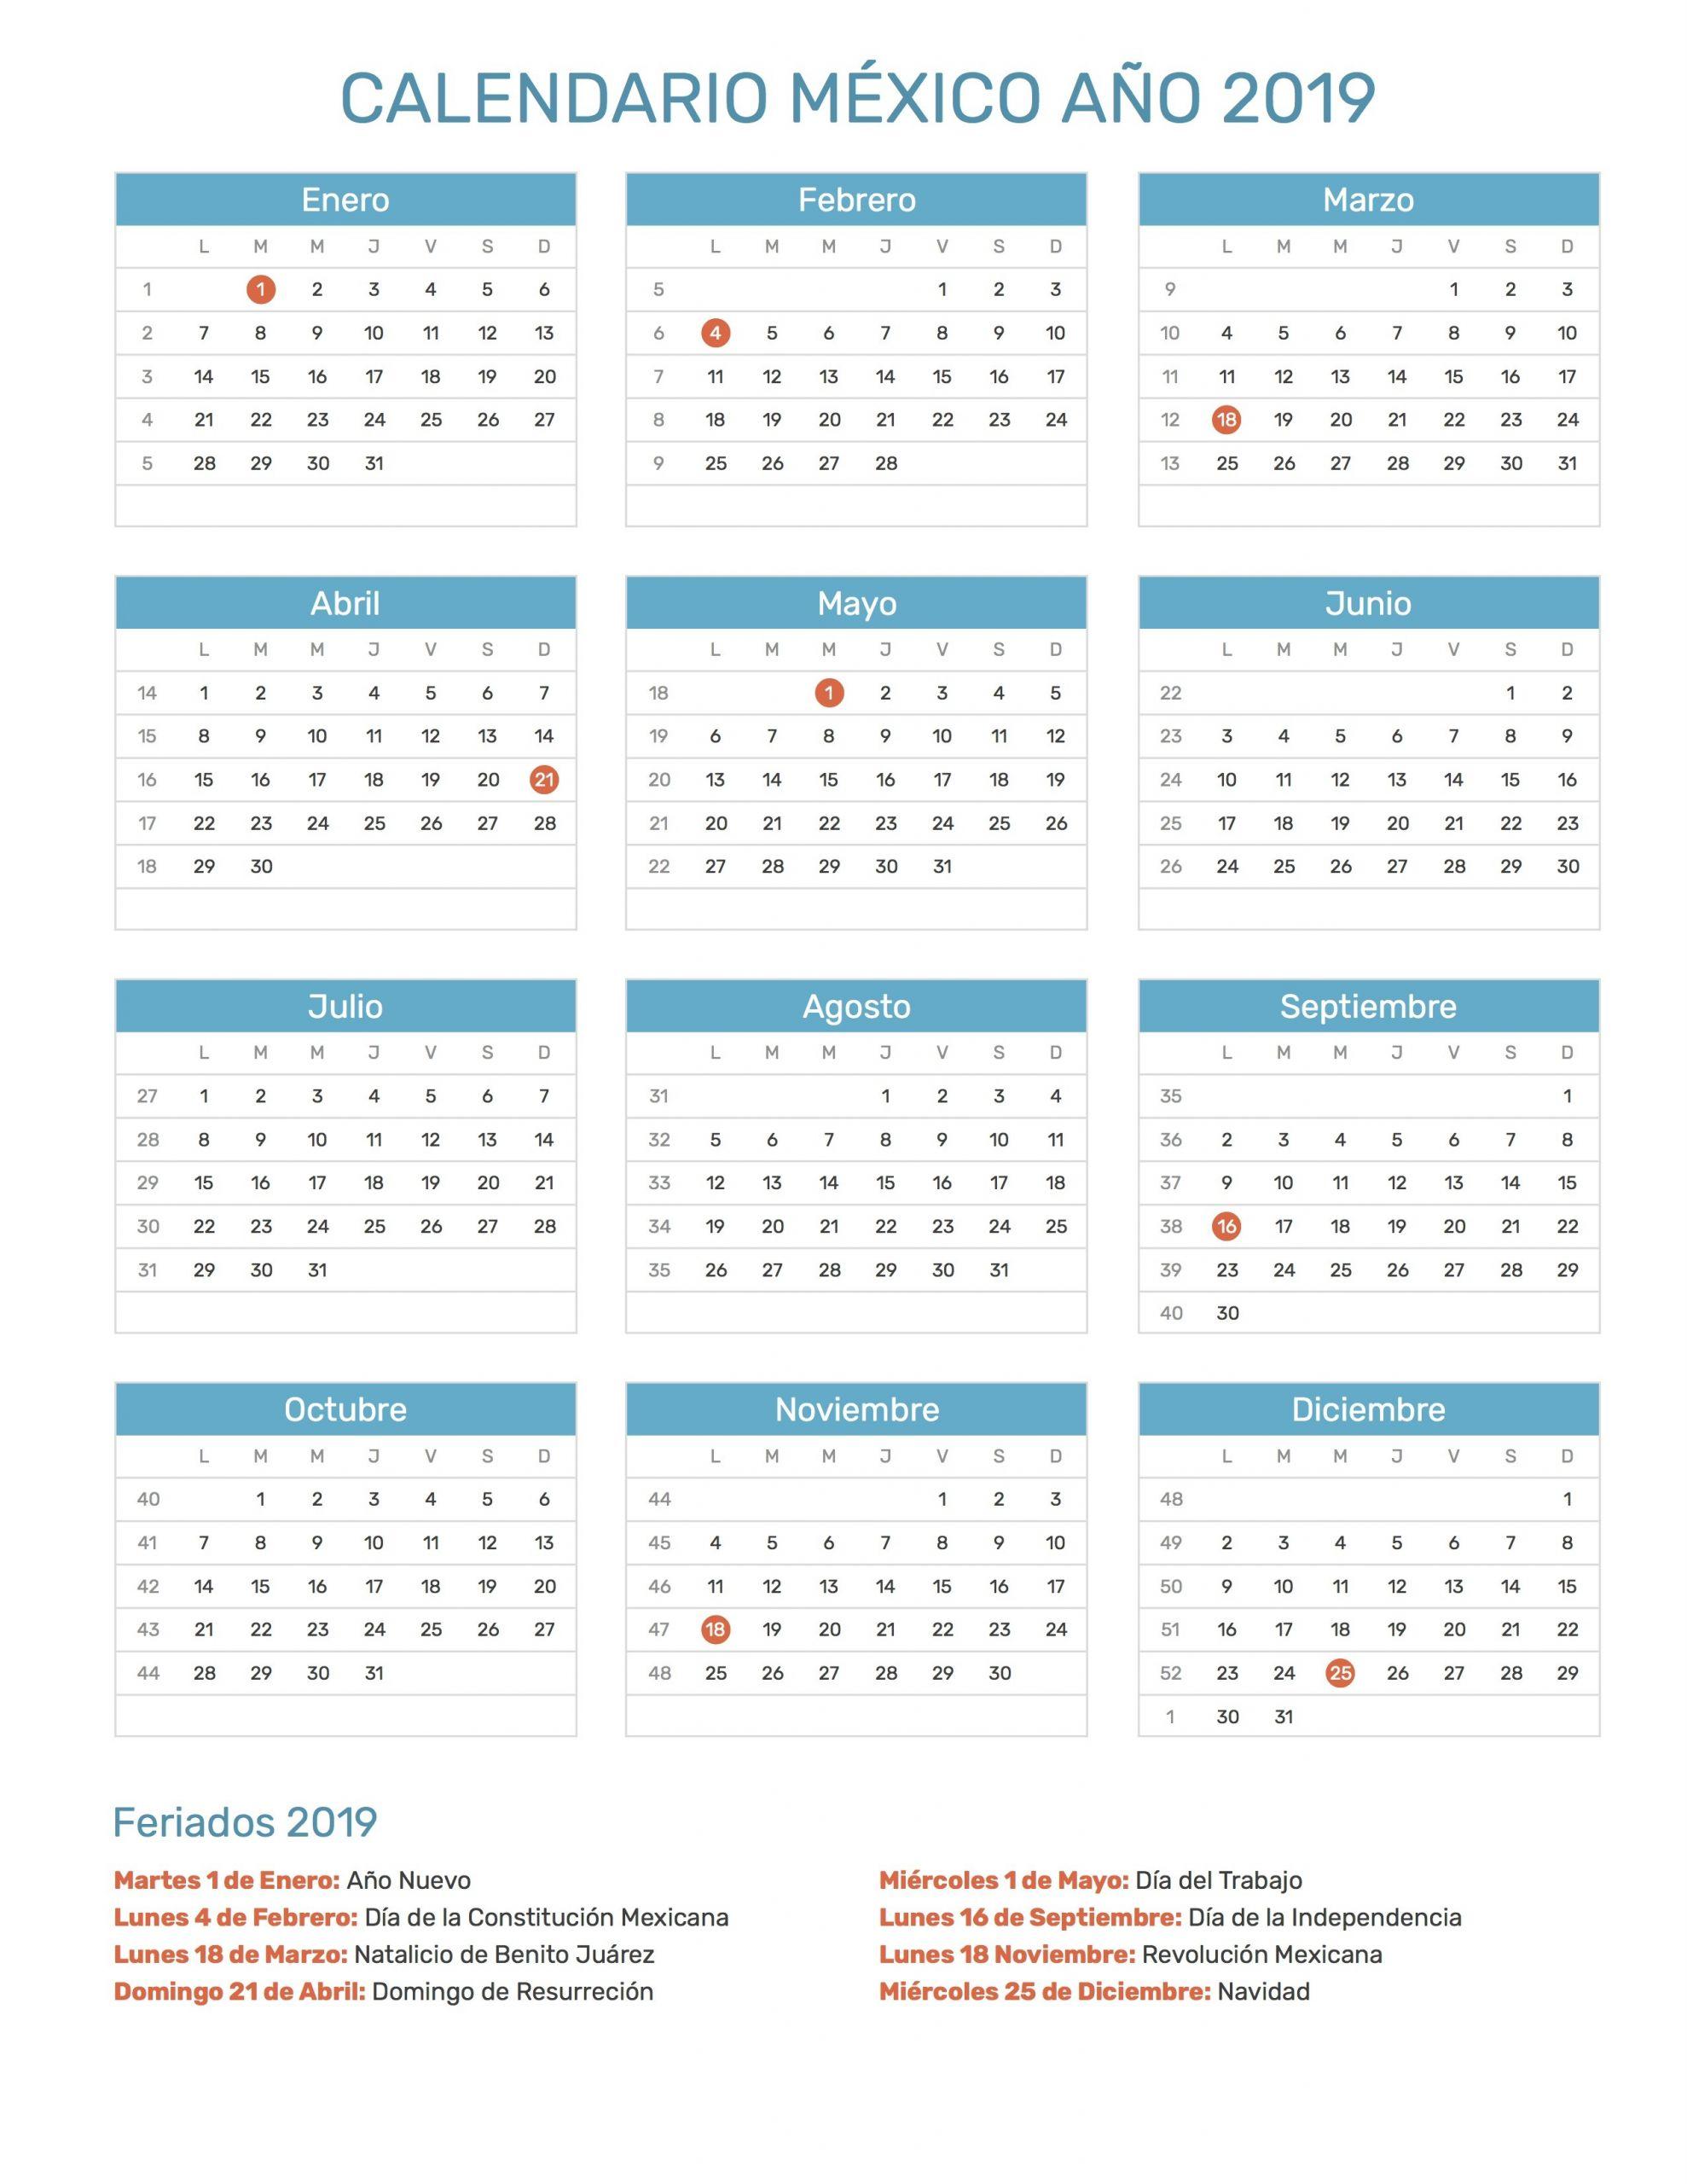 calendario 2019 mexico con dias festivos 9